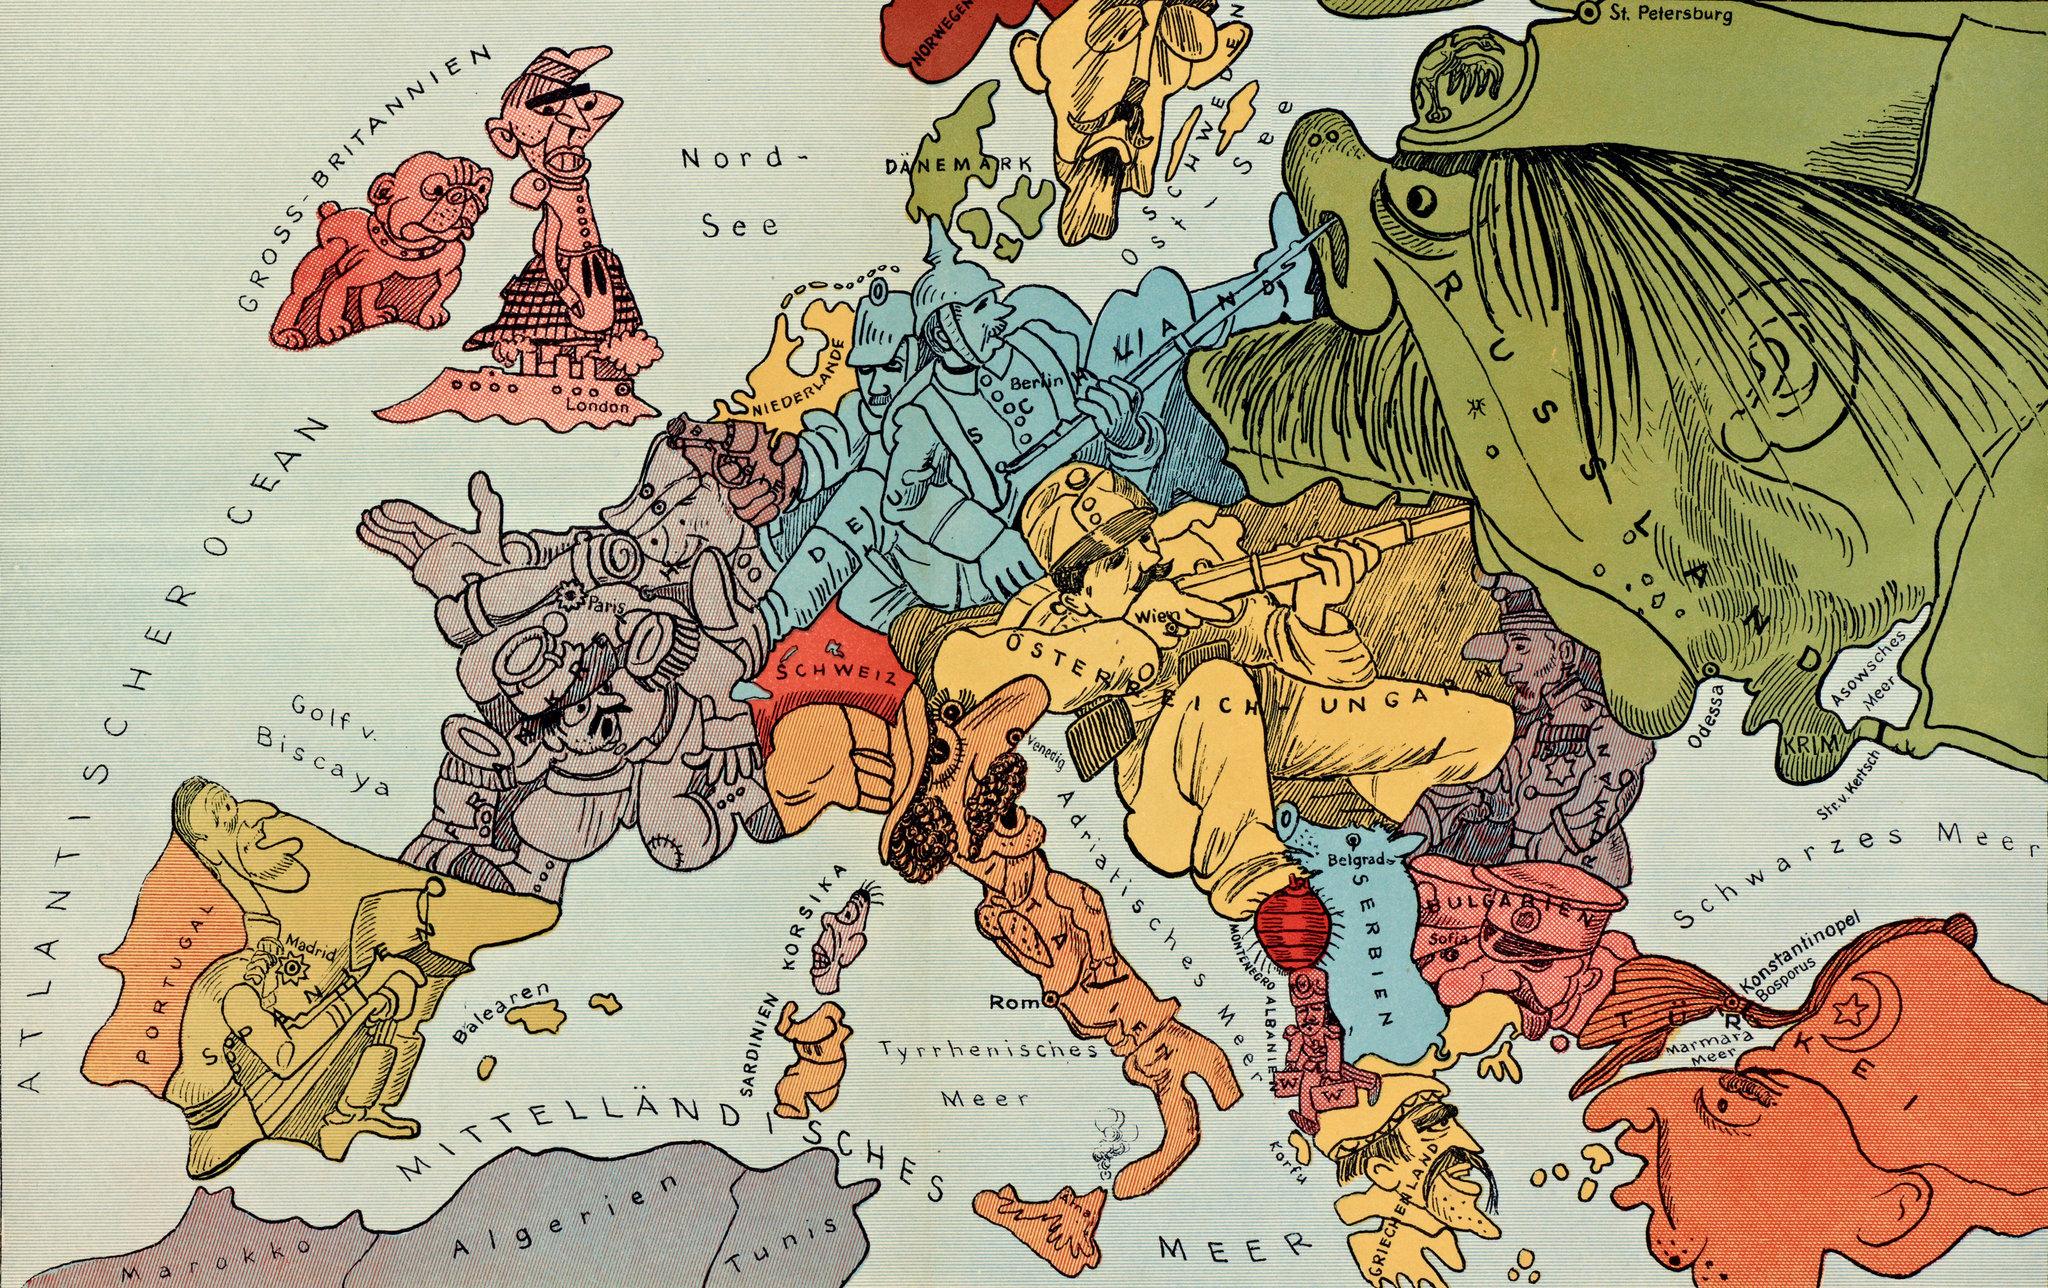 Origini dei flussi migratori uni info news - Foto della mappa del mondo da stampare ...